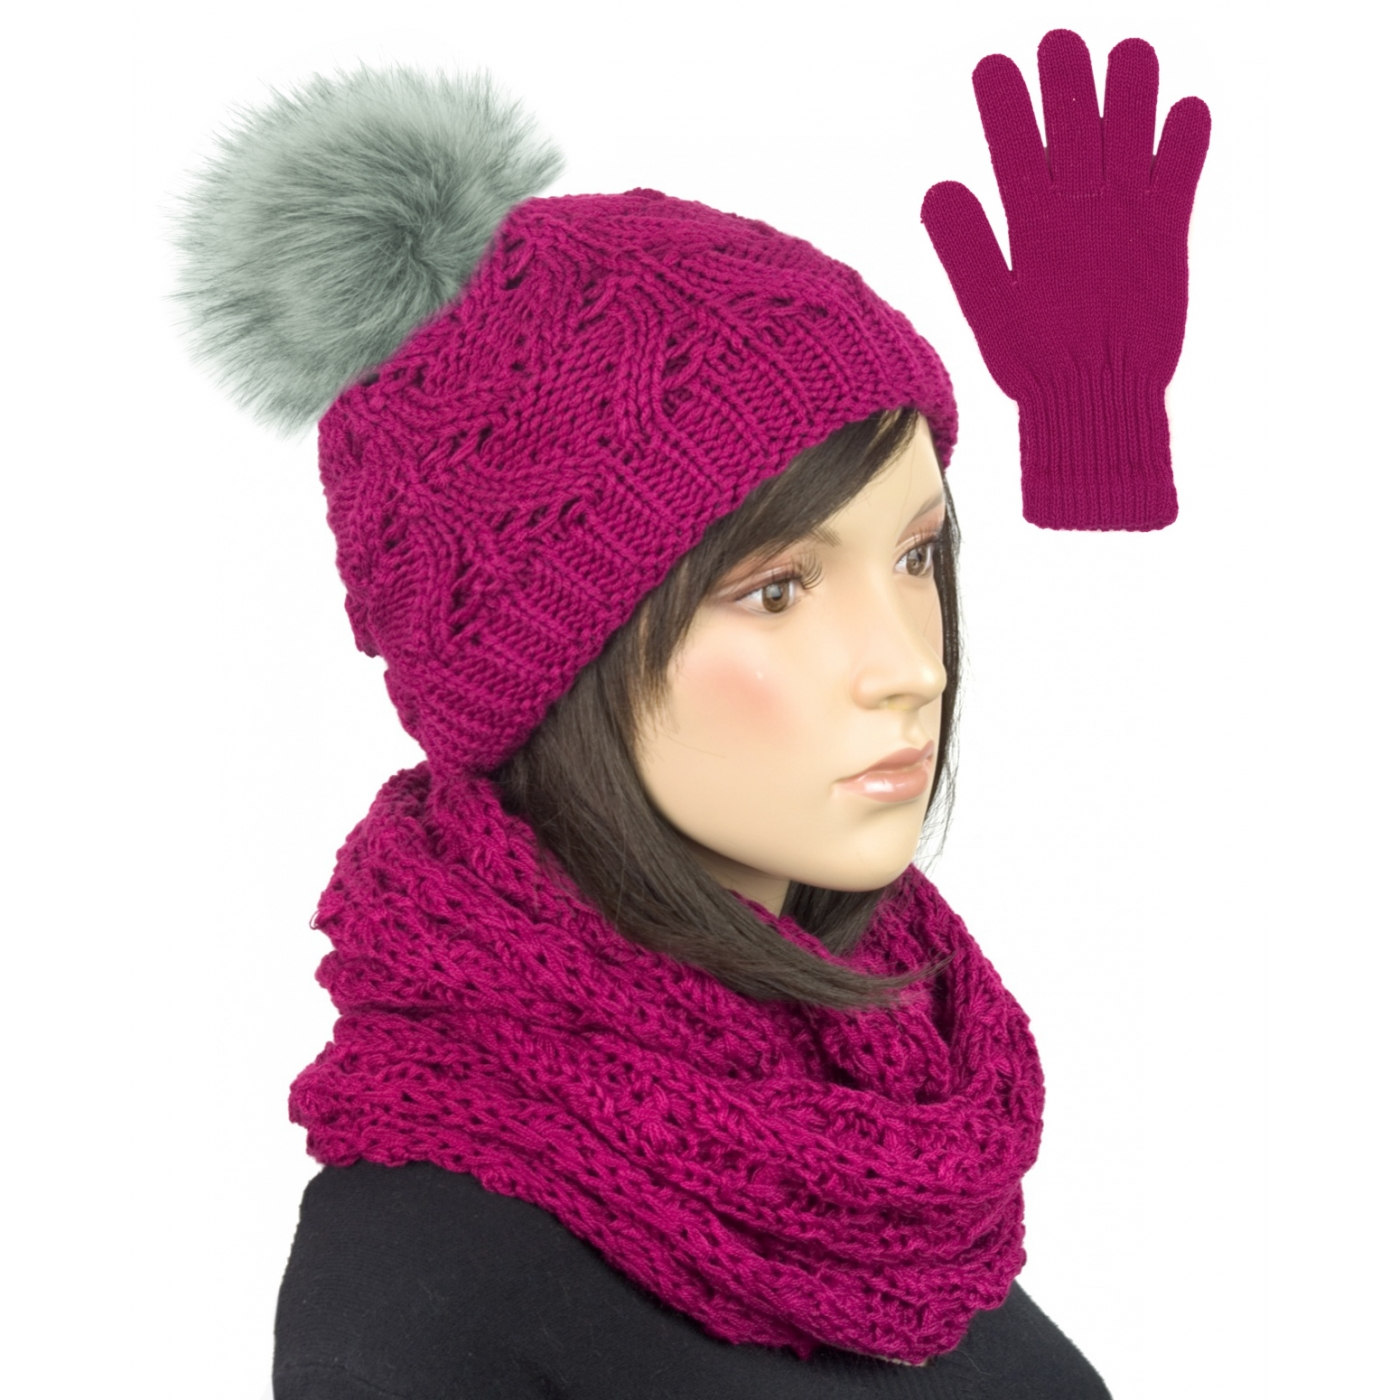 Komplet - krótka czapka z pomponem, komin i rękawiczki : amarantowy